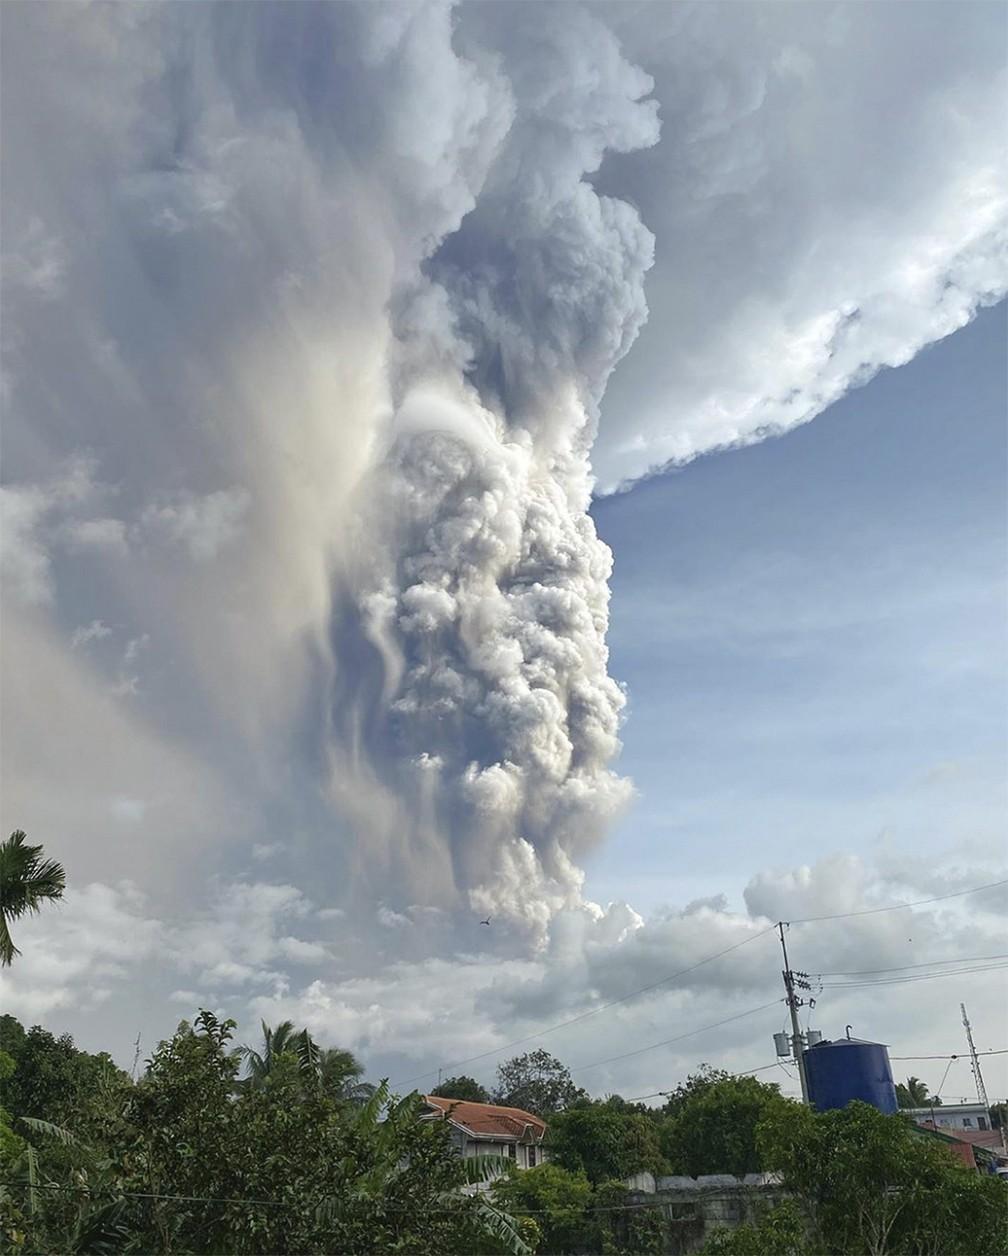 Nuvem de cinzas expelida pelo vulcão Taal é vista de Tagaytay, nas Filipinas, no domingo (12) — Foto: Lester Matienzo via AP